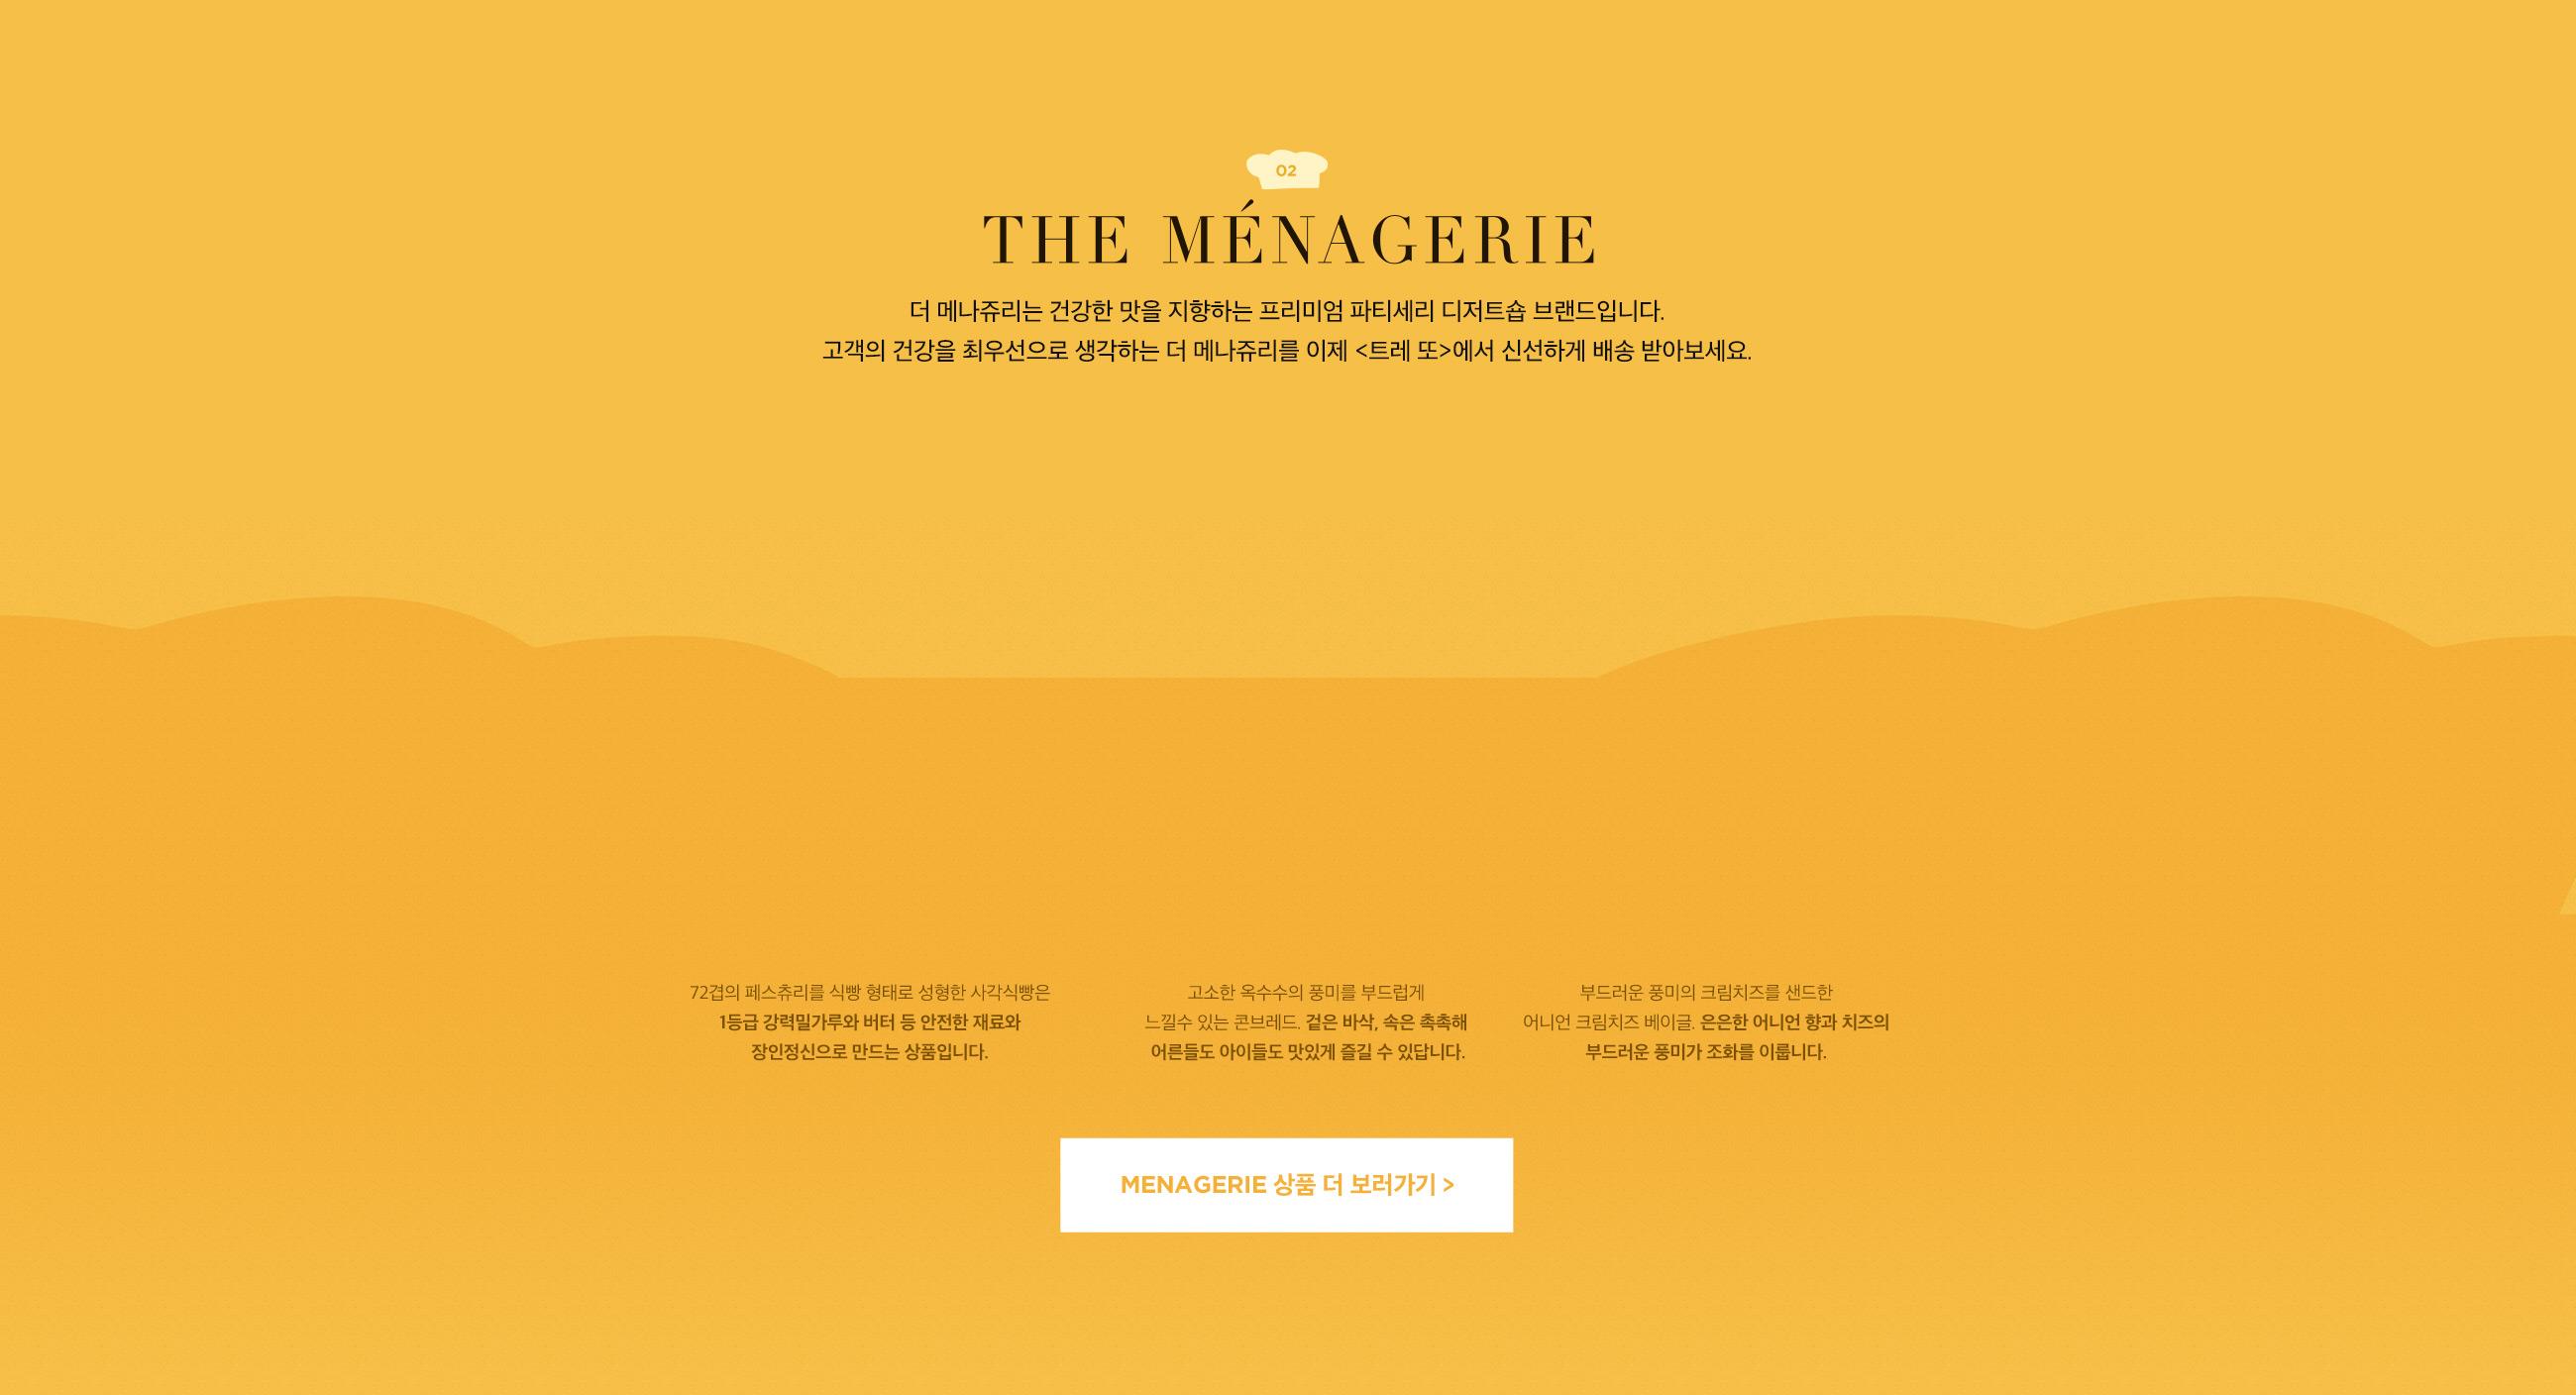 더 메나쥬리는 건강한 맛을 지향하는 프리미엄 파티세리 디저트숍 브랜드입니다. 고객의 건강을 최우선으로 생각하는 더 메나쥬리를 이제 '트레 또'에서 가장 신선하게 배송 받아보세요.